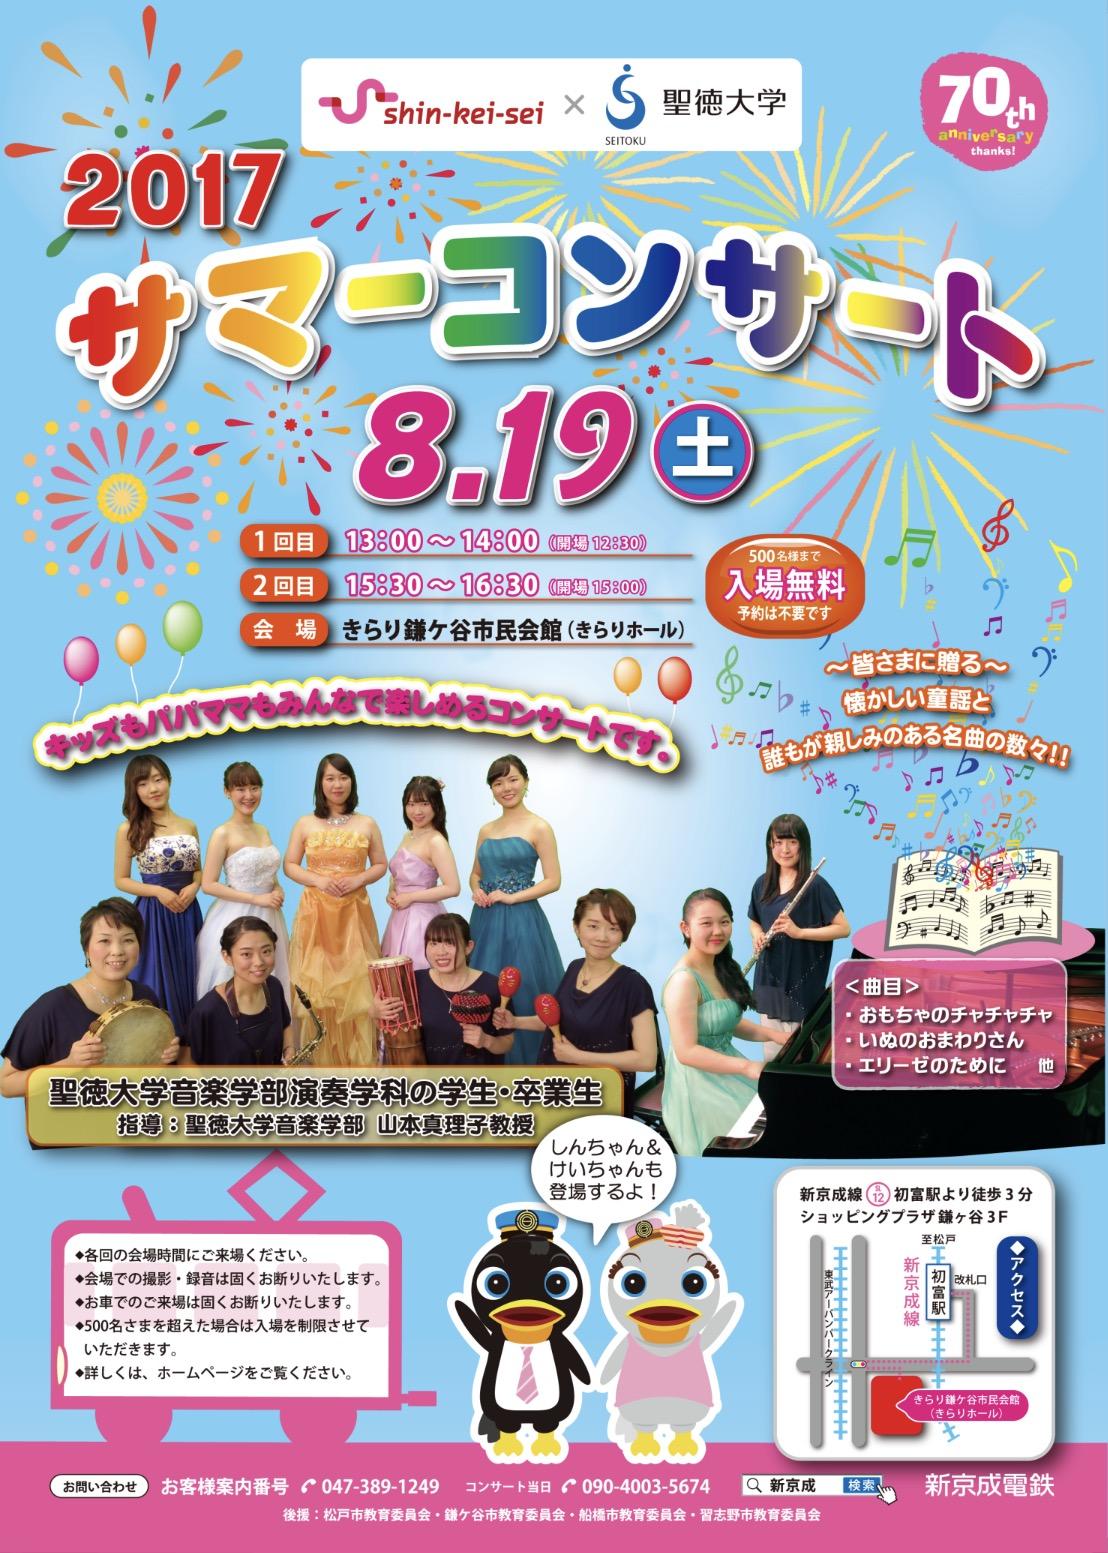 8月19日(土) 聖徳大学×新京成電鉄のコラボ企画「2017サマーコンサート」を開催します!